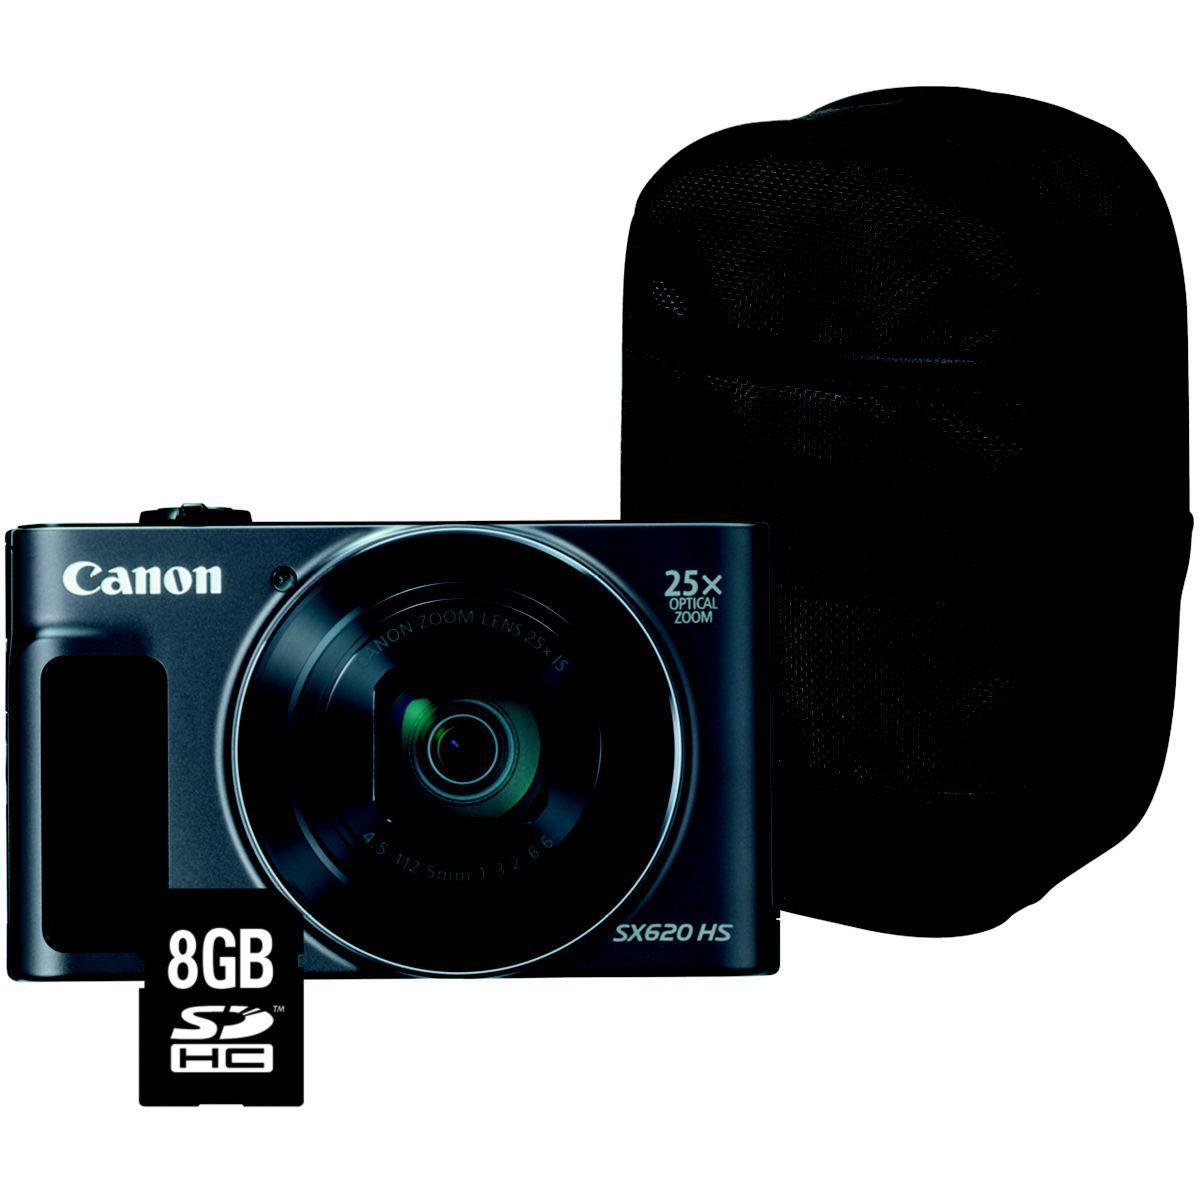 Appareil photo compact canon pack sx620 hs noir + house + sd 8go - livraison offerte : code livphoto (photo)